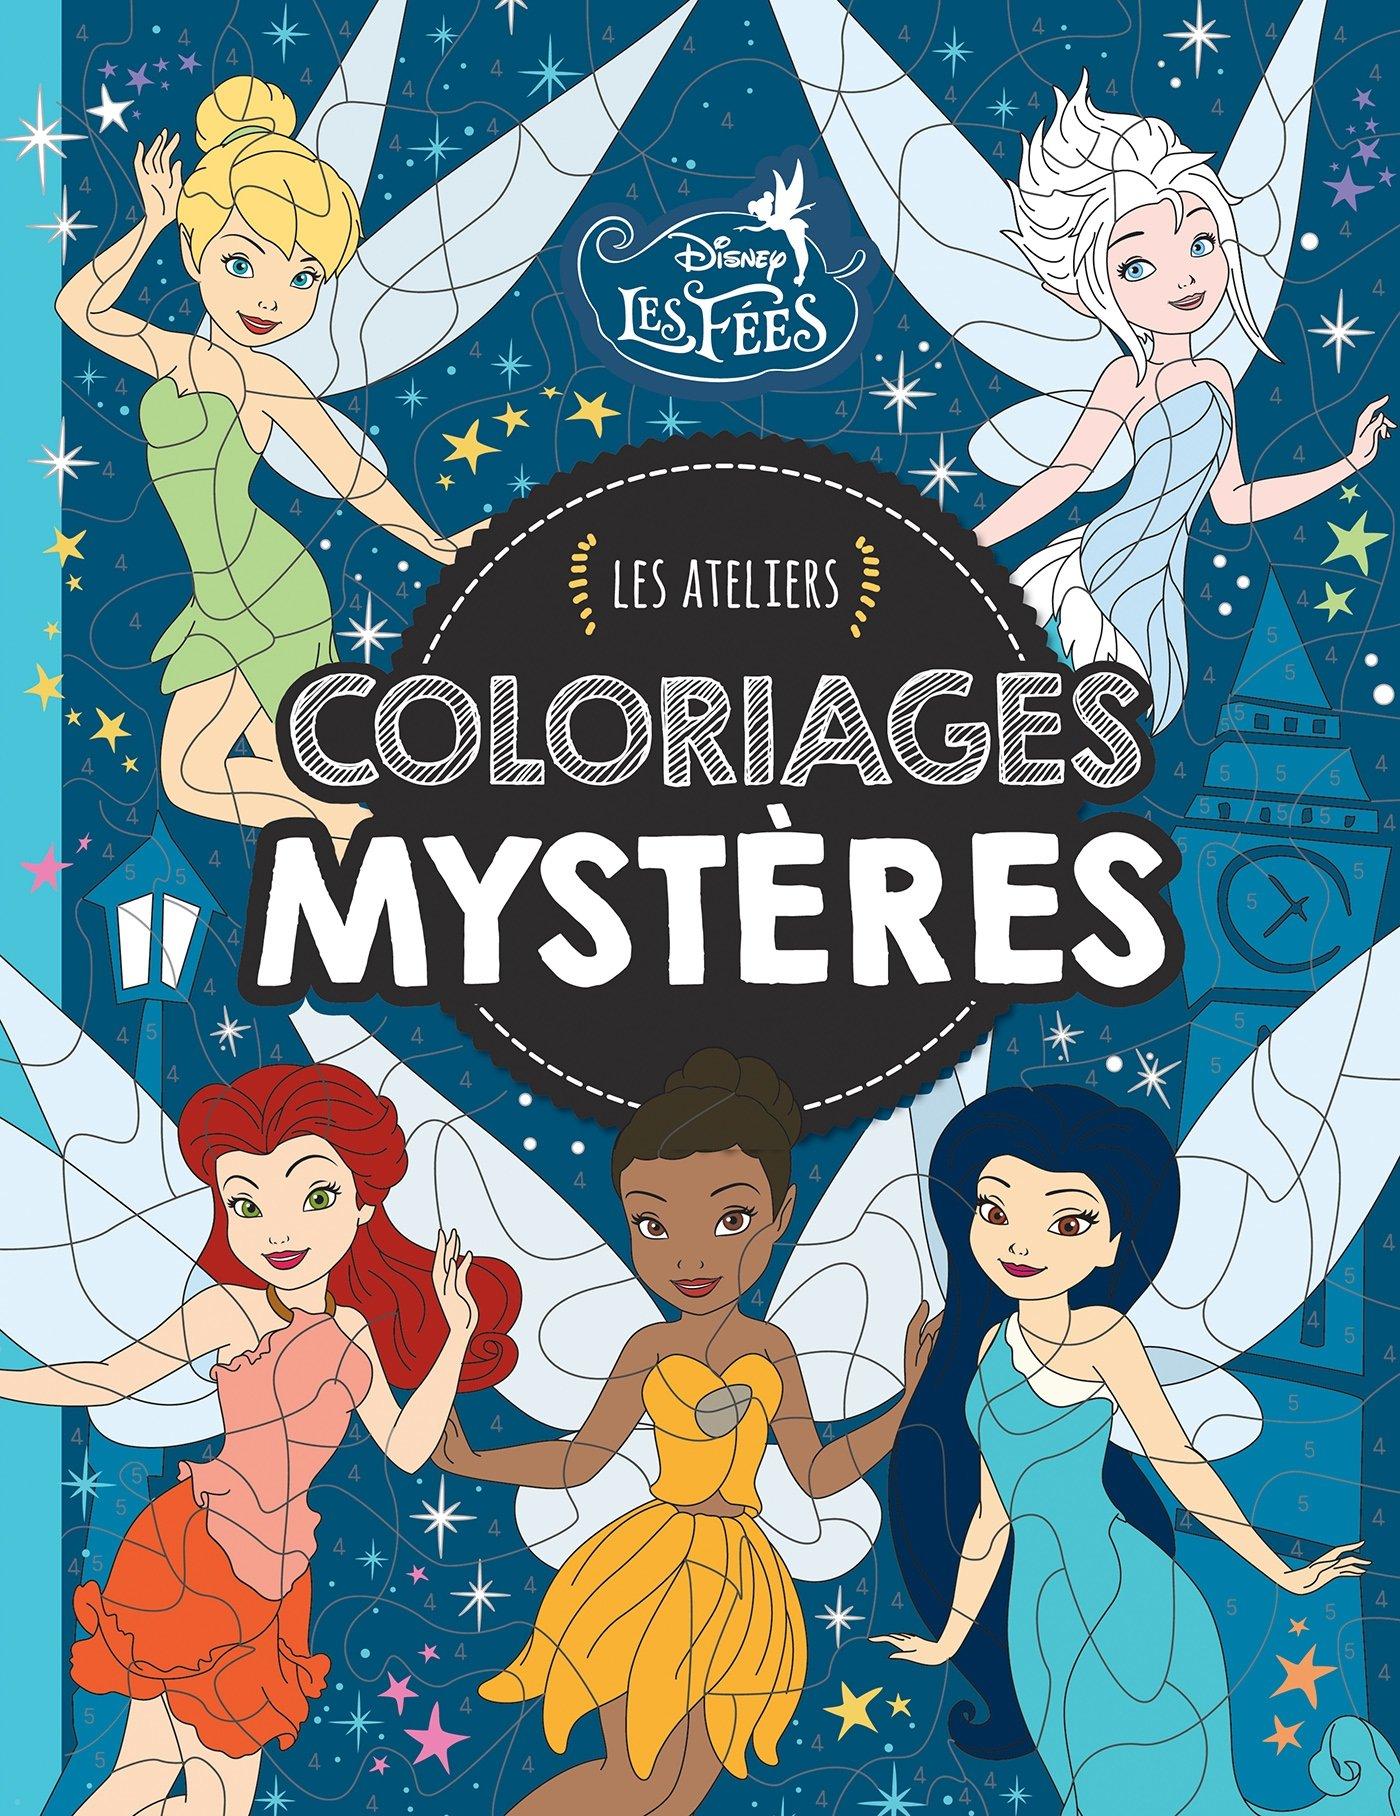 Les Ateliers Coloriages Mystères 91OAeo1WQ2L